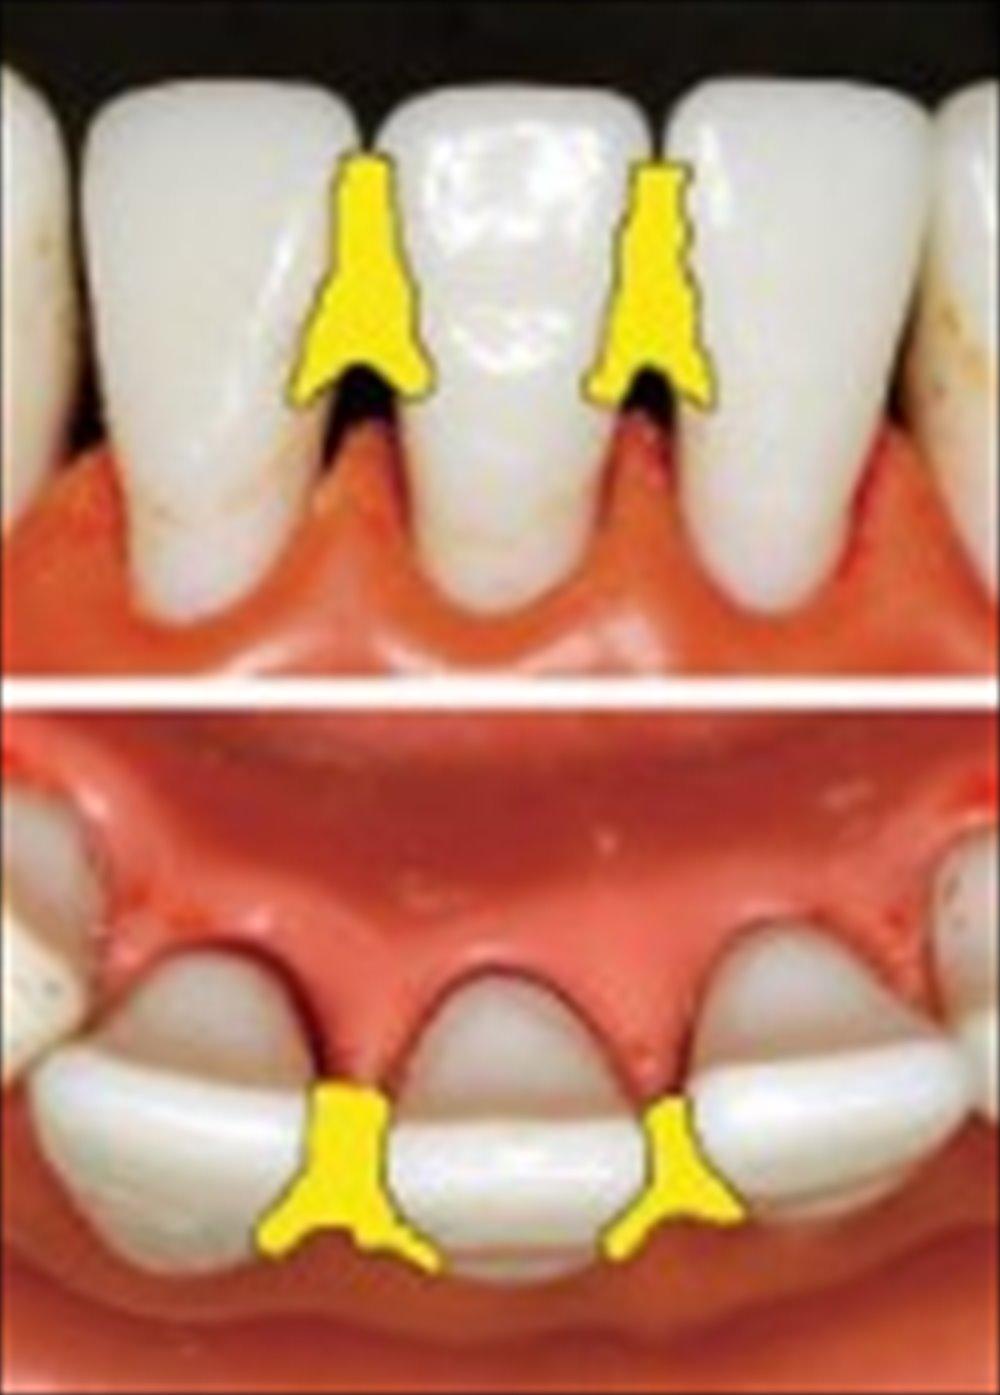 教えて歯医者さん!歯の治療をした後いつ食事して良い?⑤